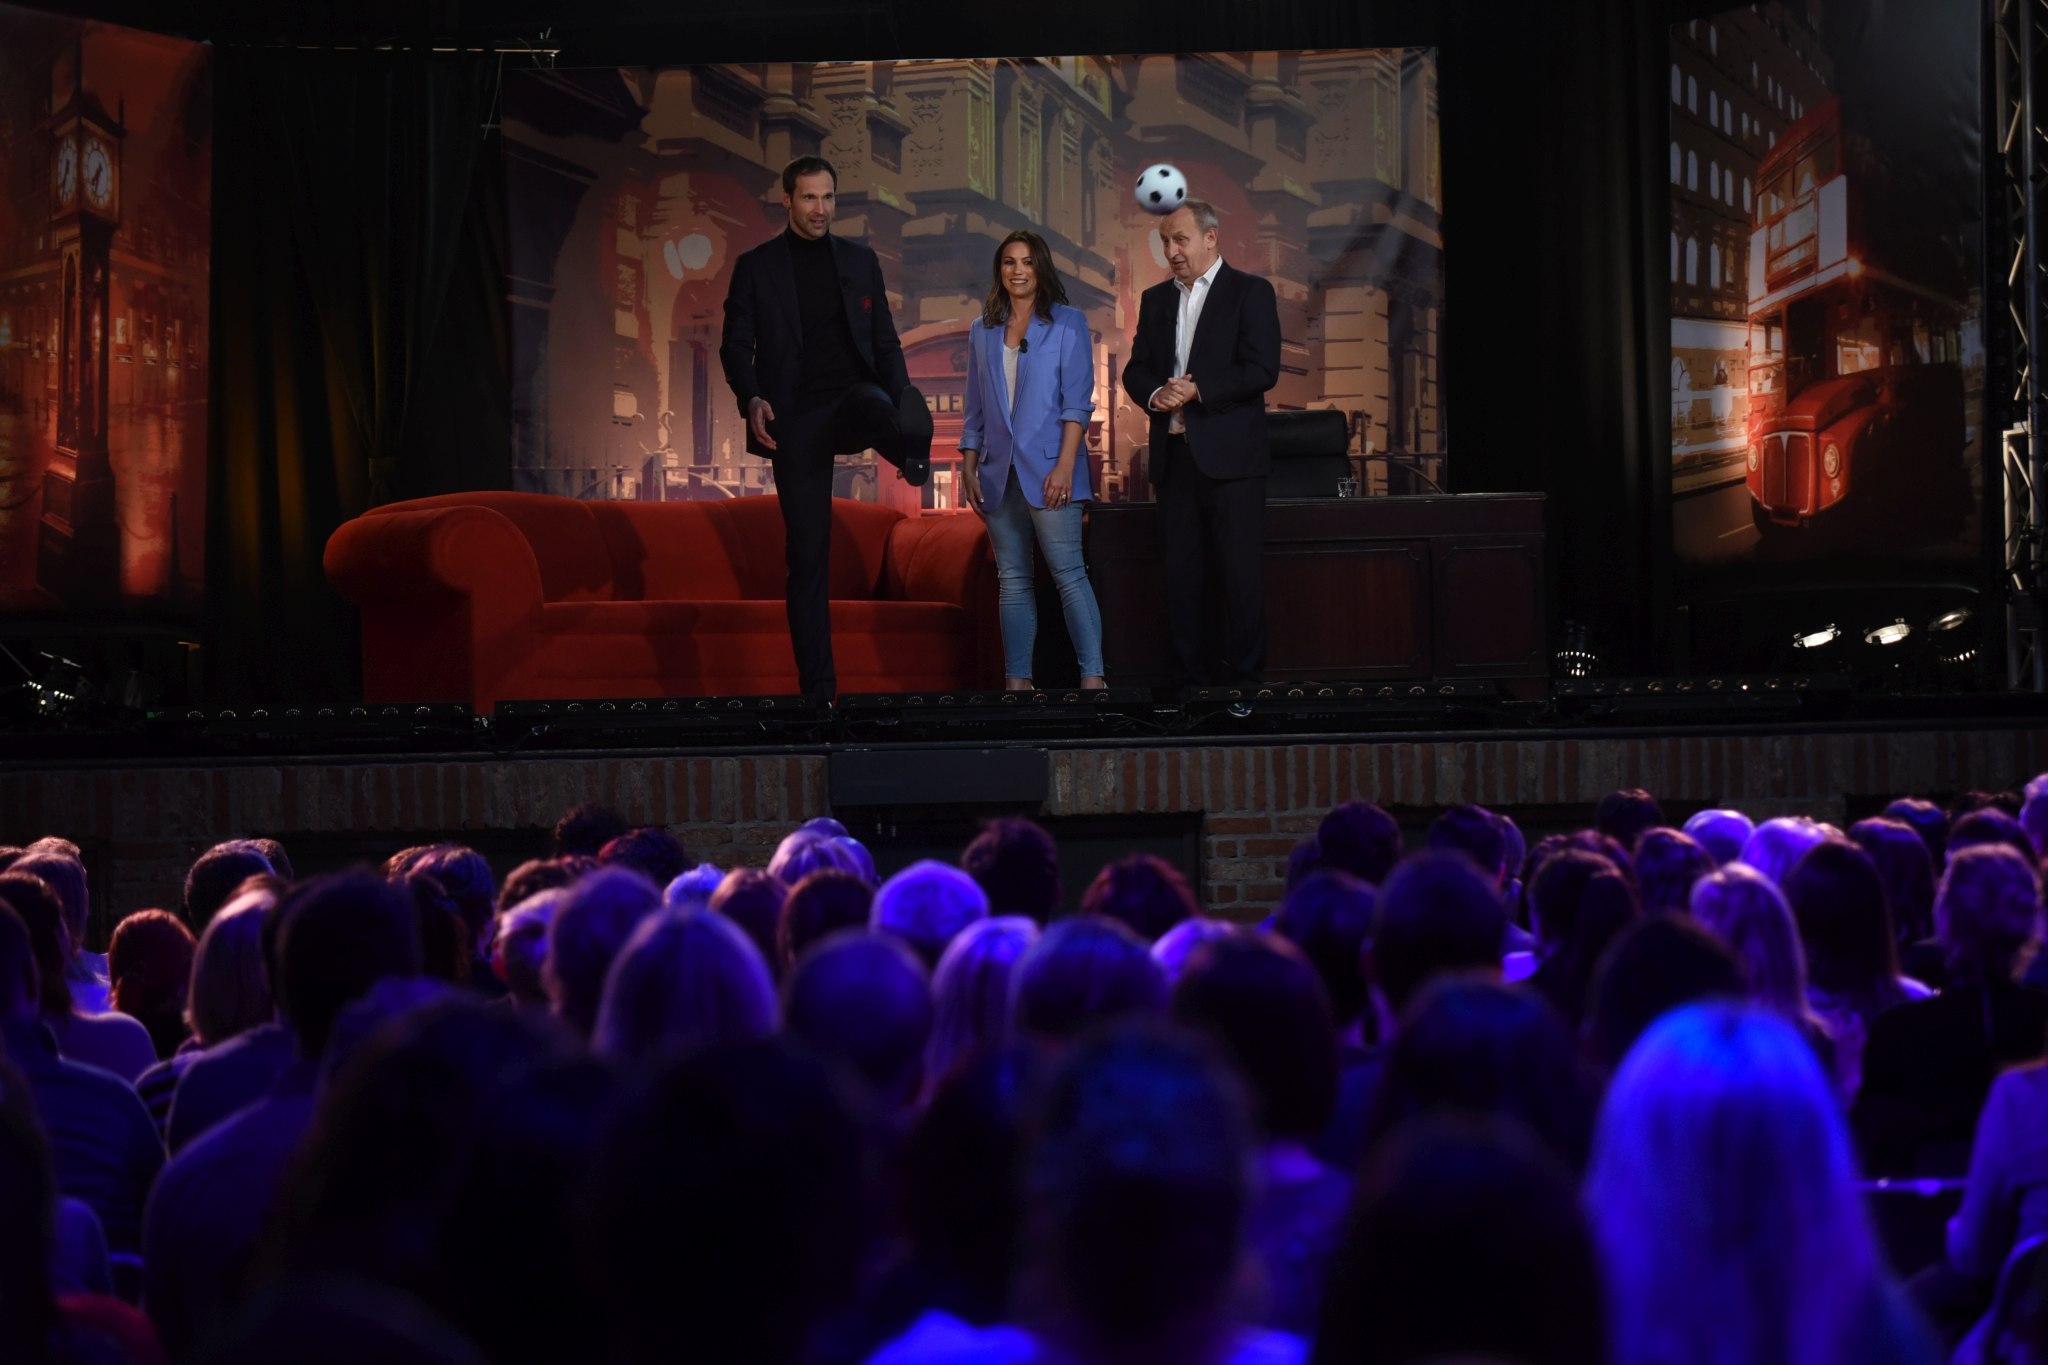 Tento speciální londýnský díl zahájil již tradičně Petr Čech, kterého tentokráte doprovodila na pódium i jeho manželka Martina, SJK 13. 3. 2019